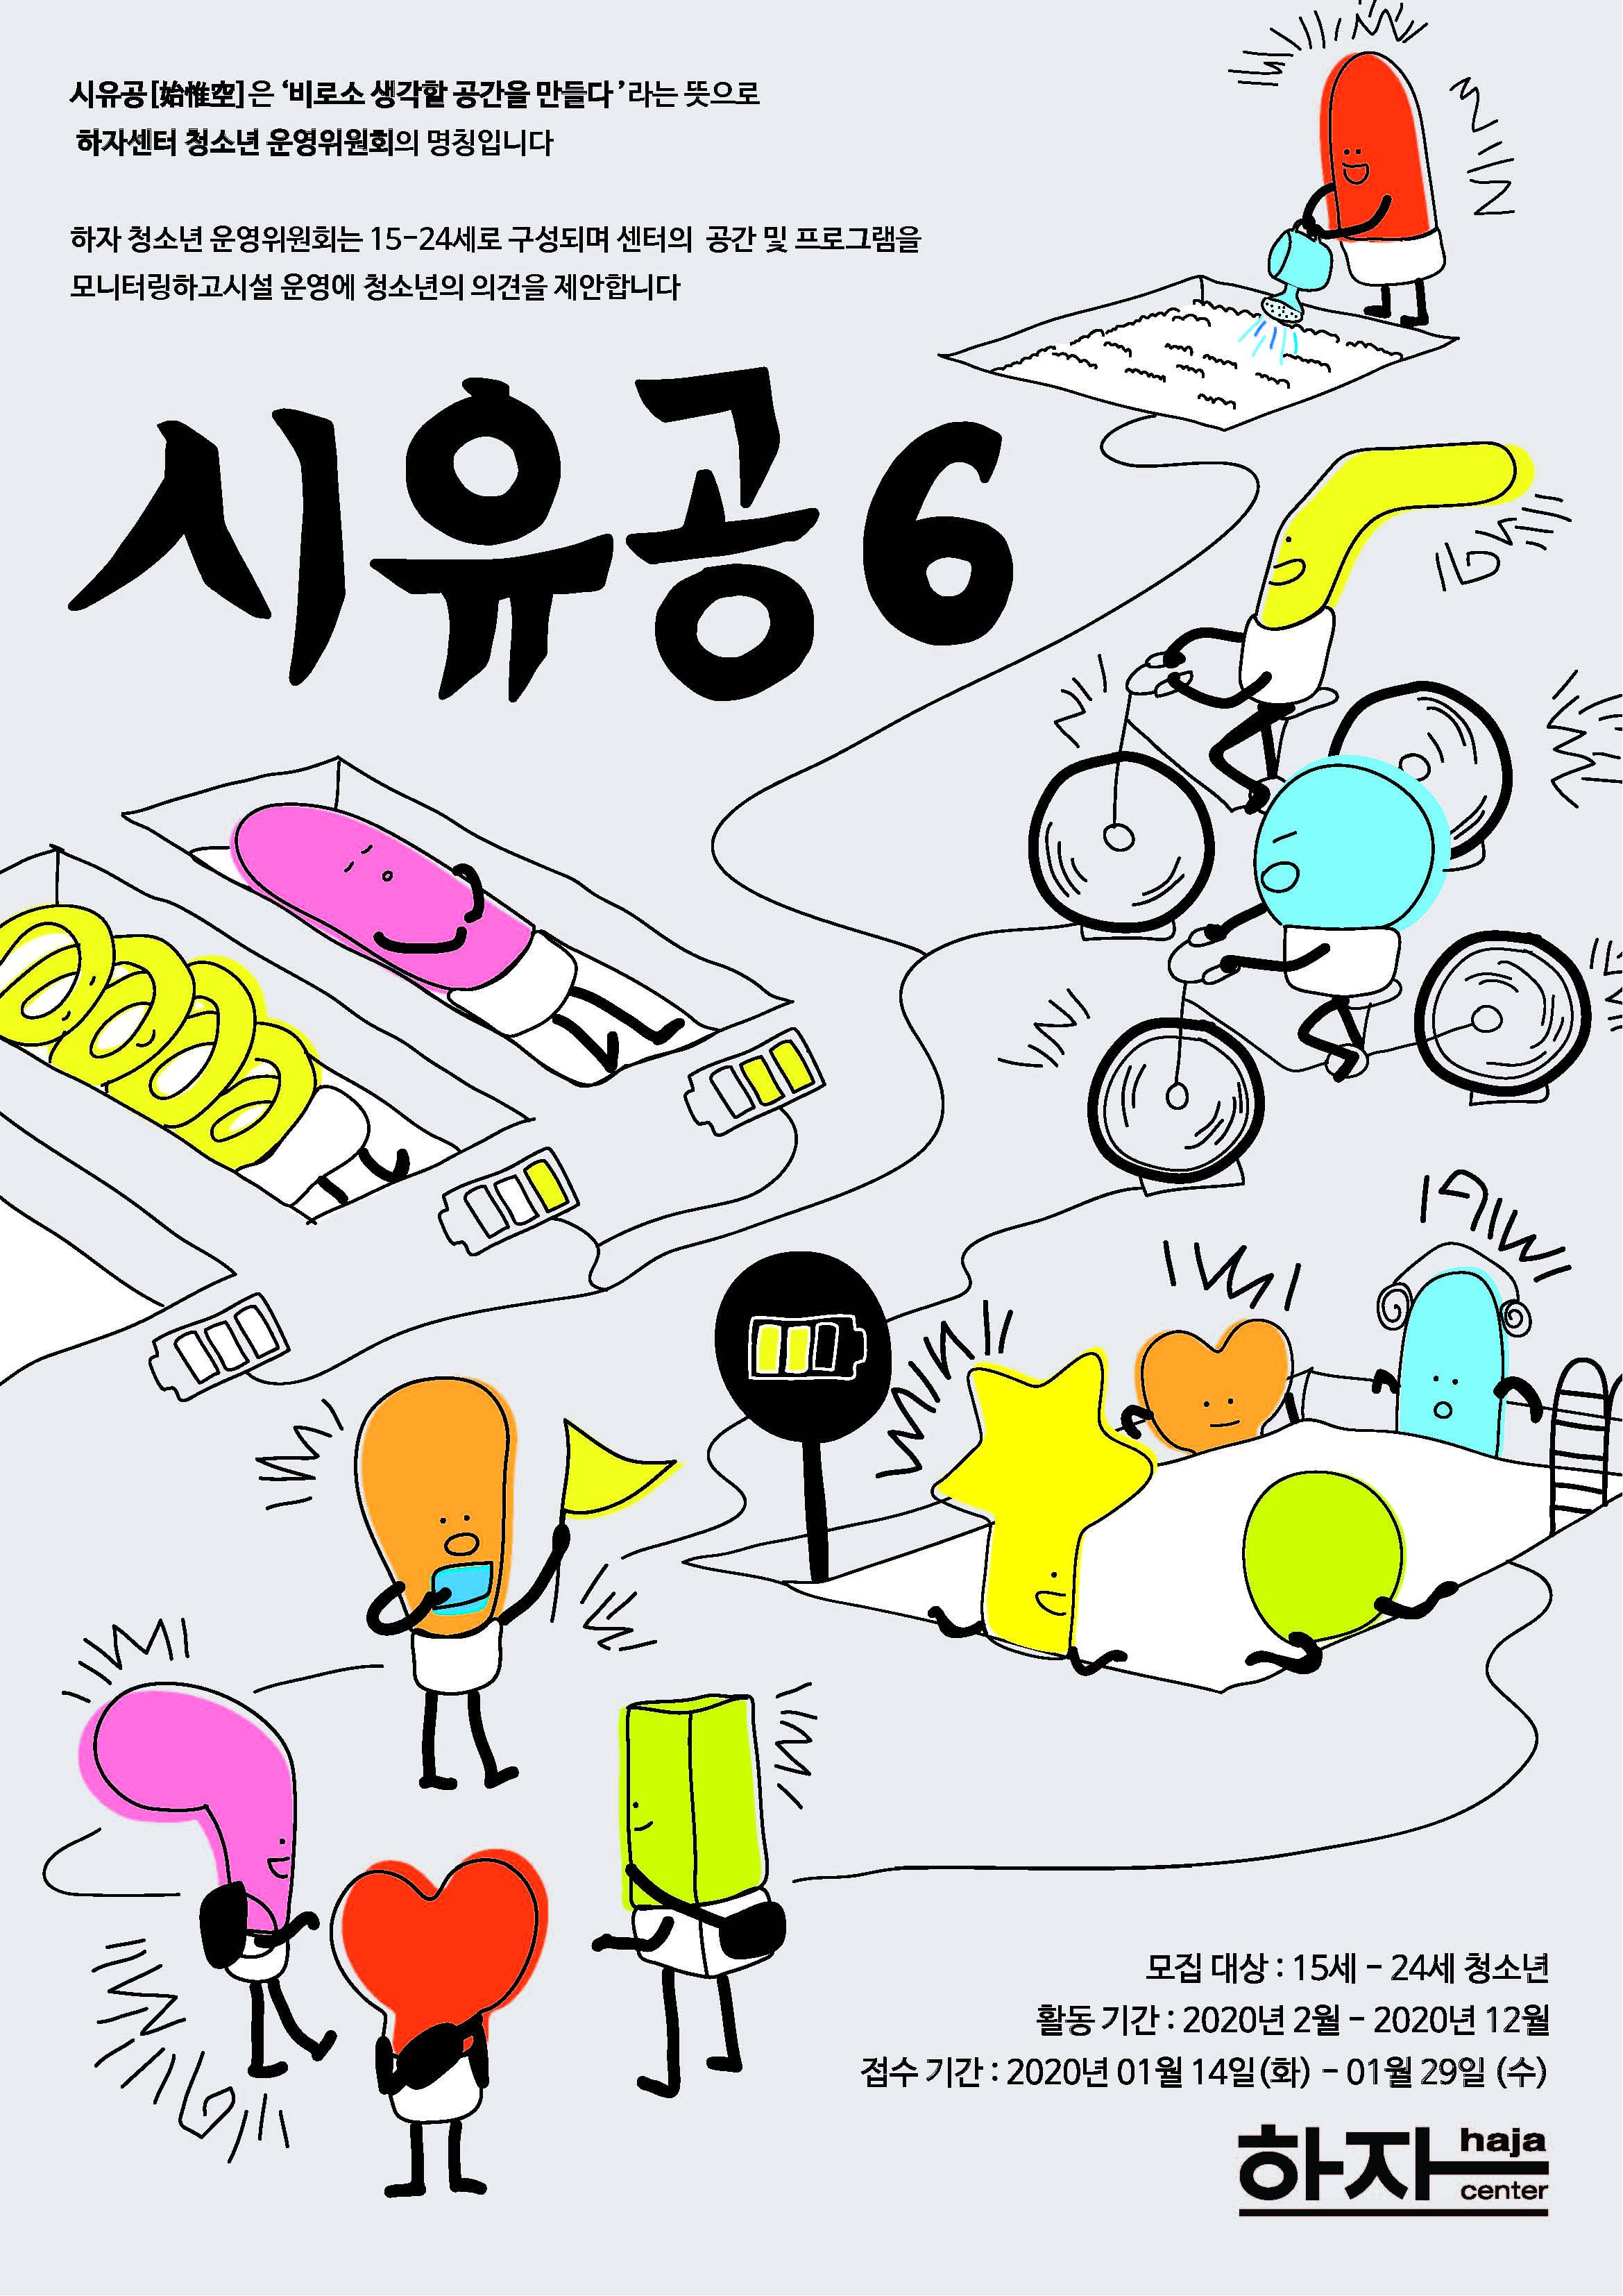 seeyougong_2020_online_poster.jpg